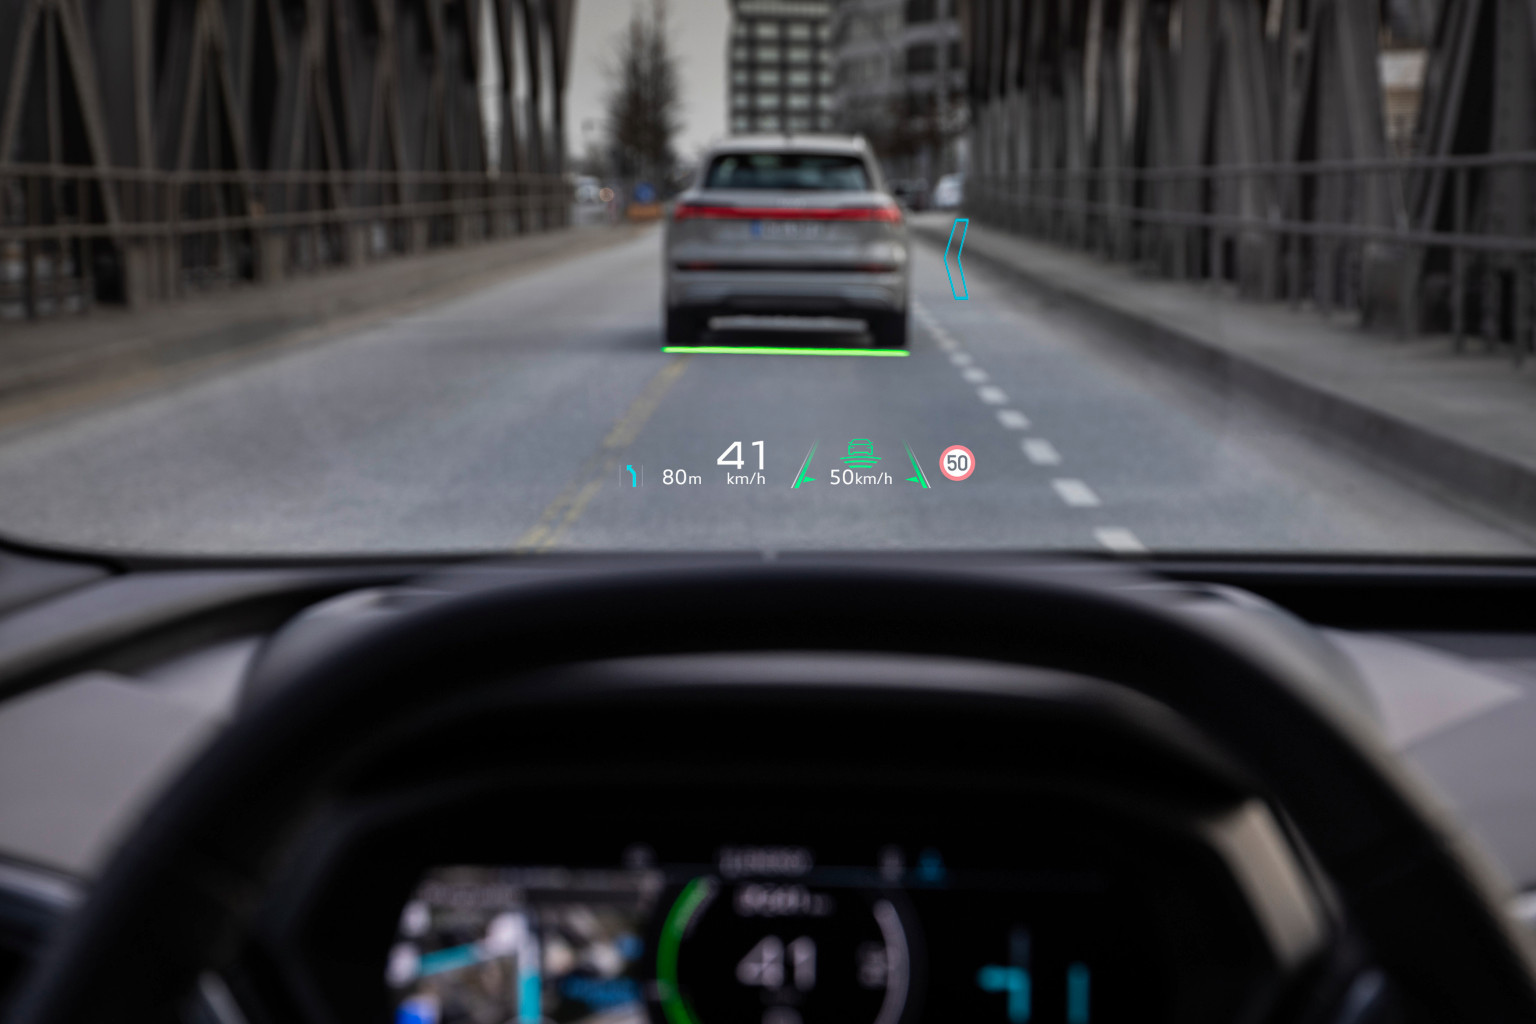 奥迪Q4 e-tron电动车将搭载动态AR HUD显示屏,可动态显示提示信息